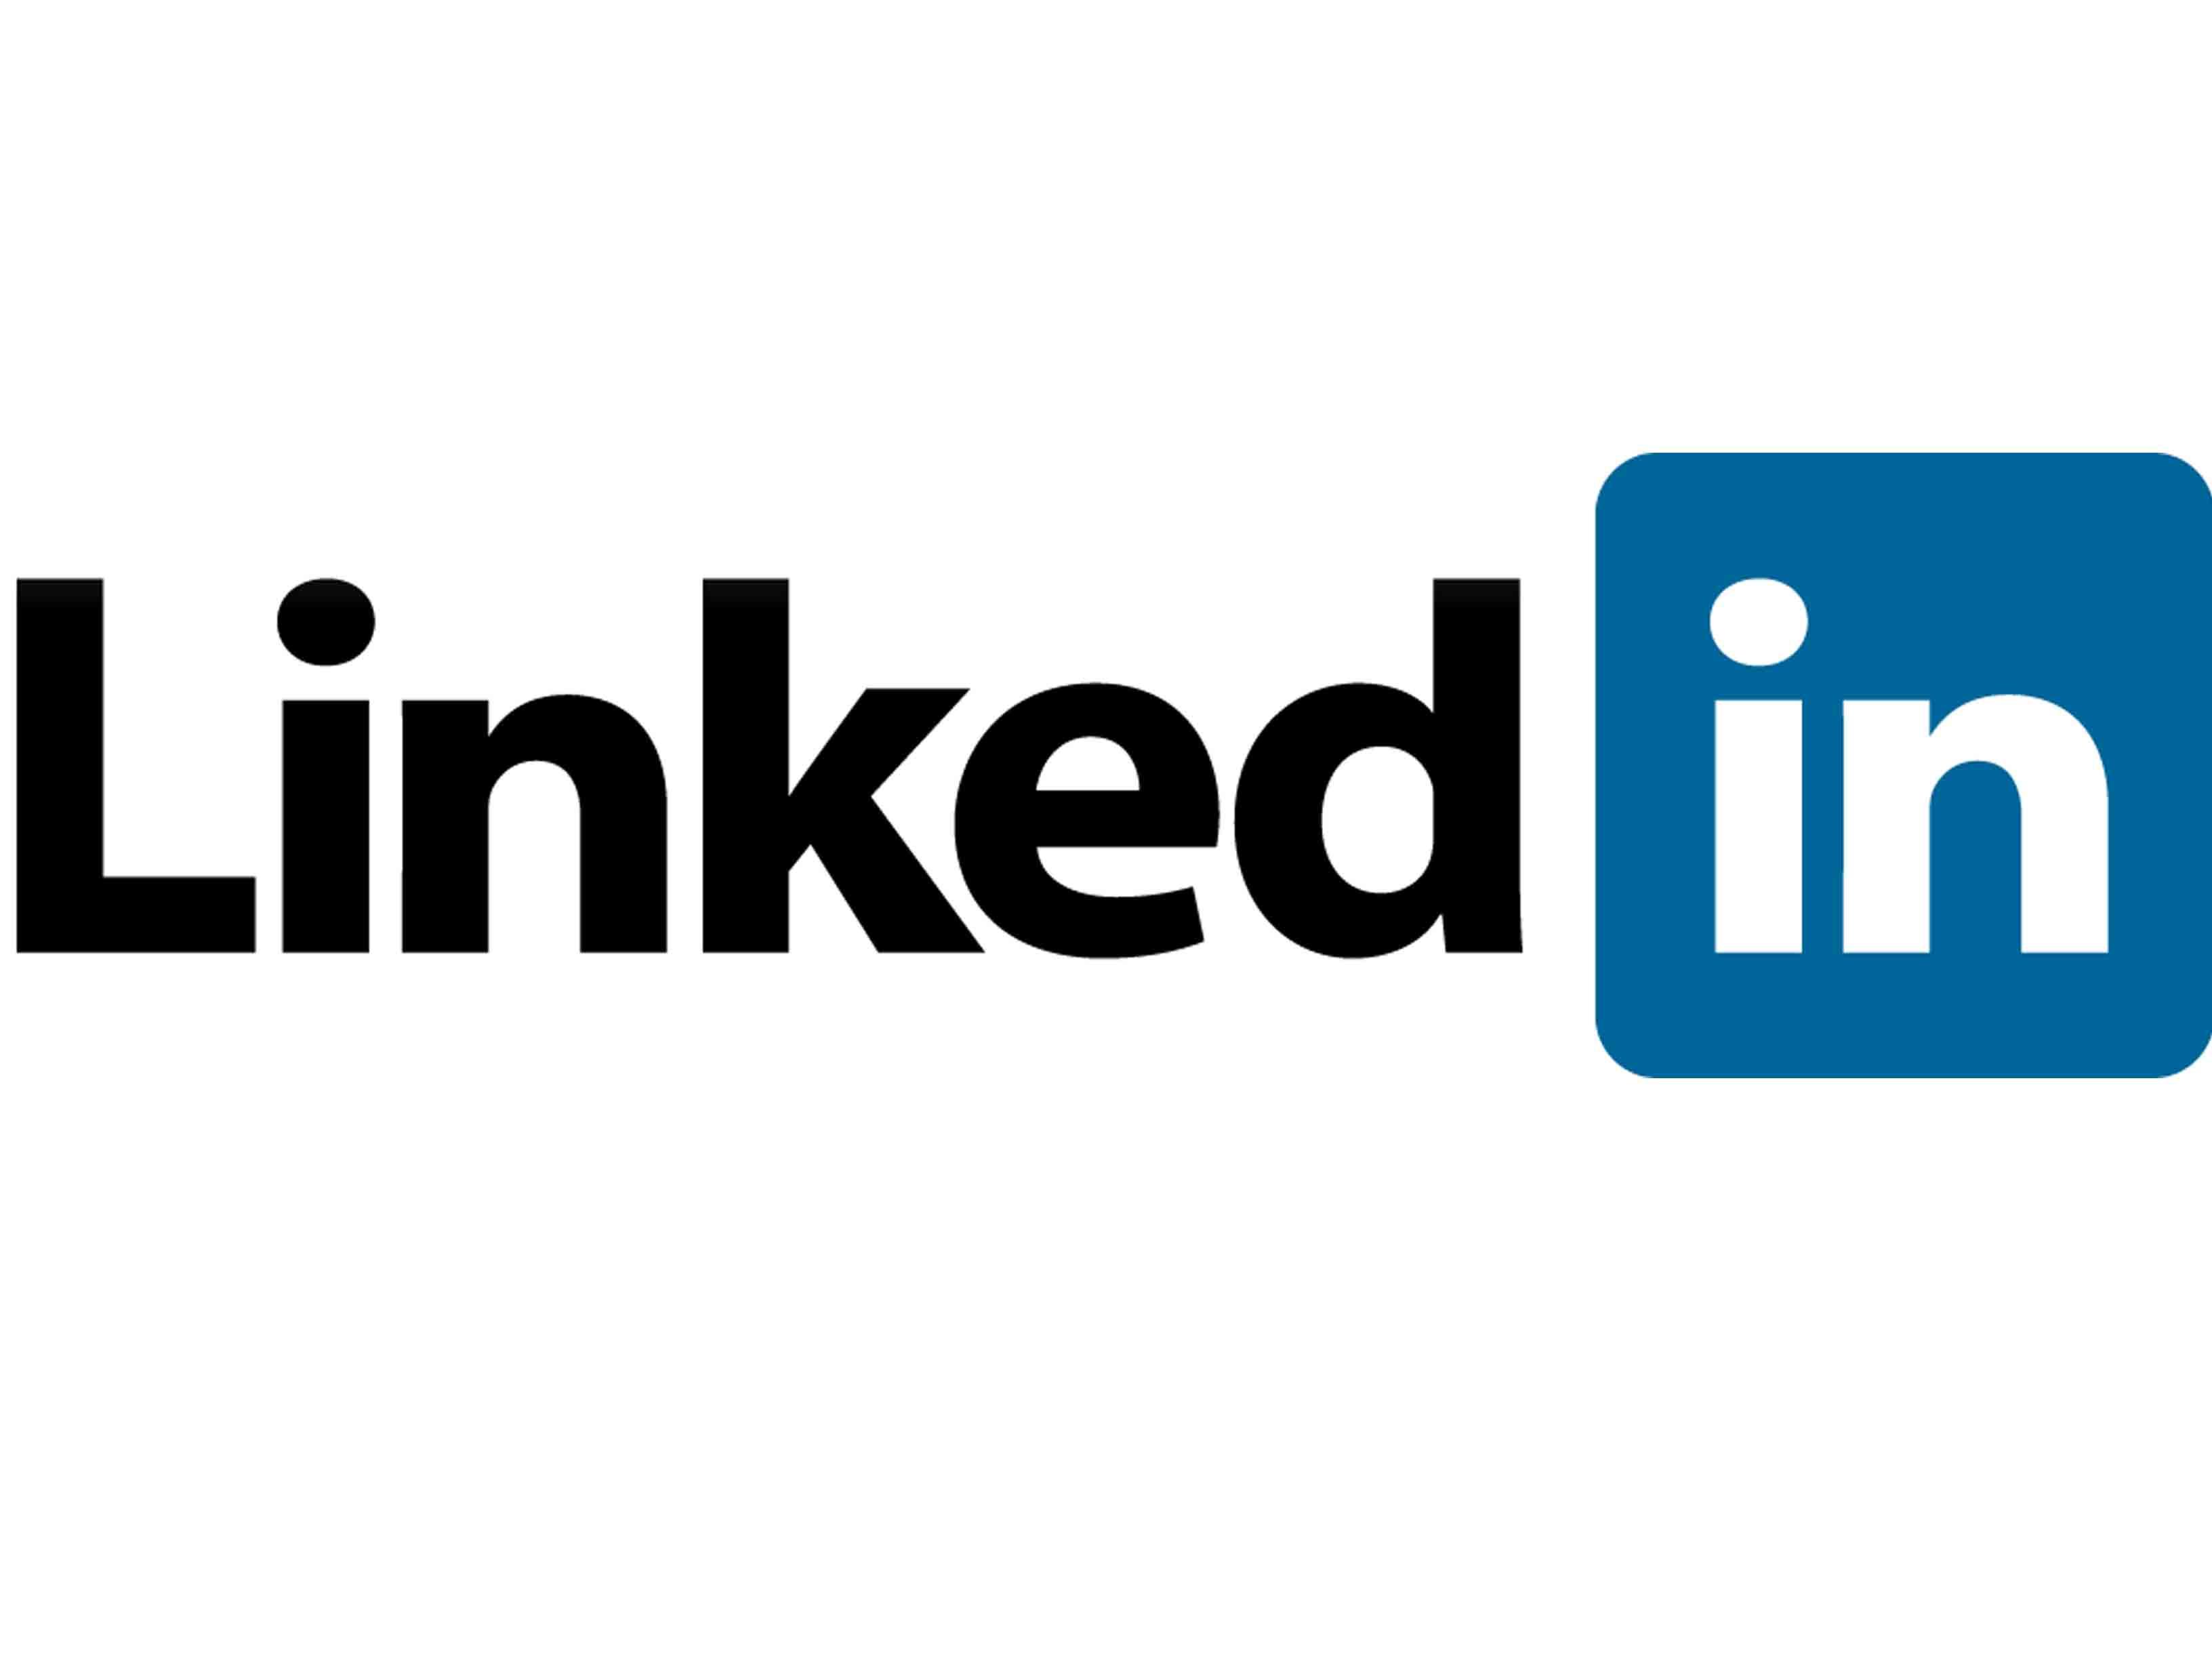 LinkedIn dostigao cifru od 500 miliona korisnika